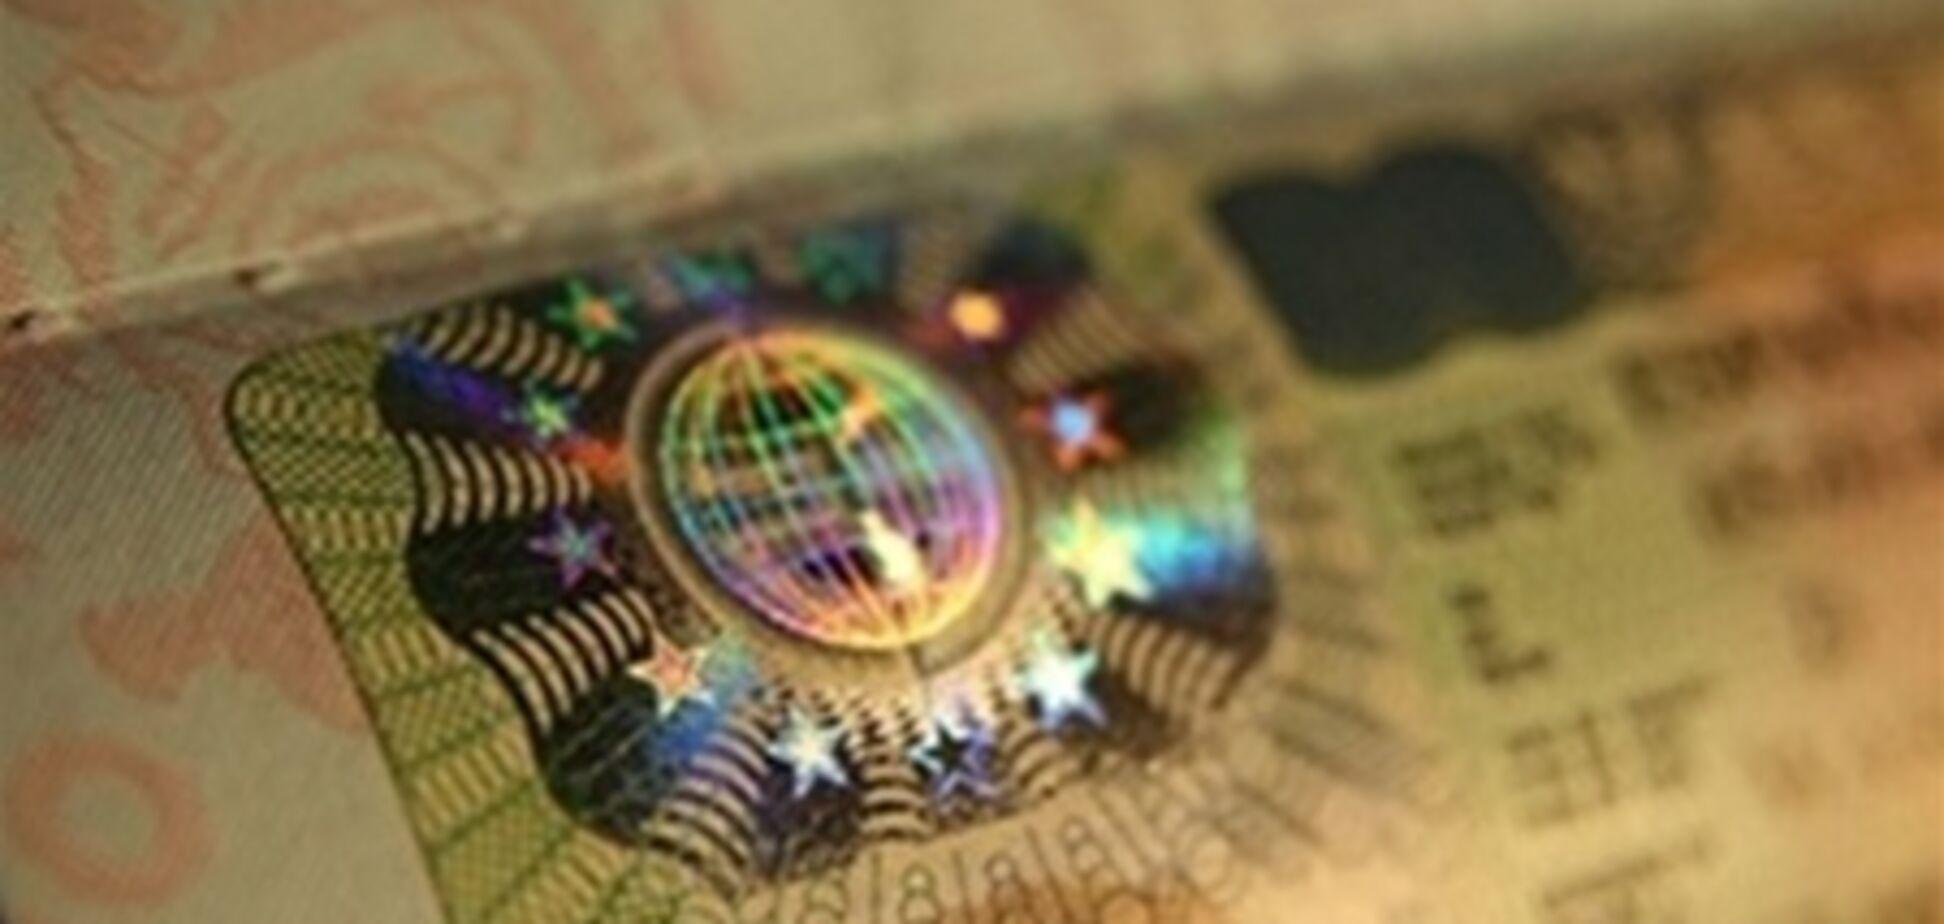 МИД обеспокоен аннулированием виз 7 украинцев в Германии